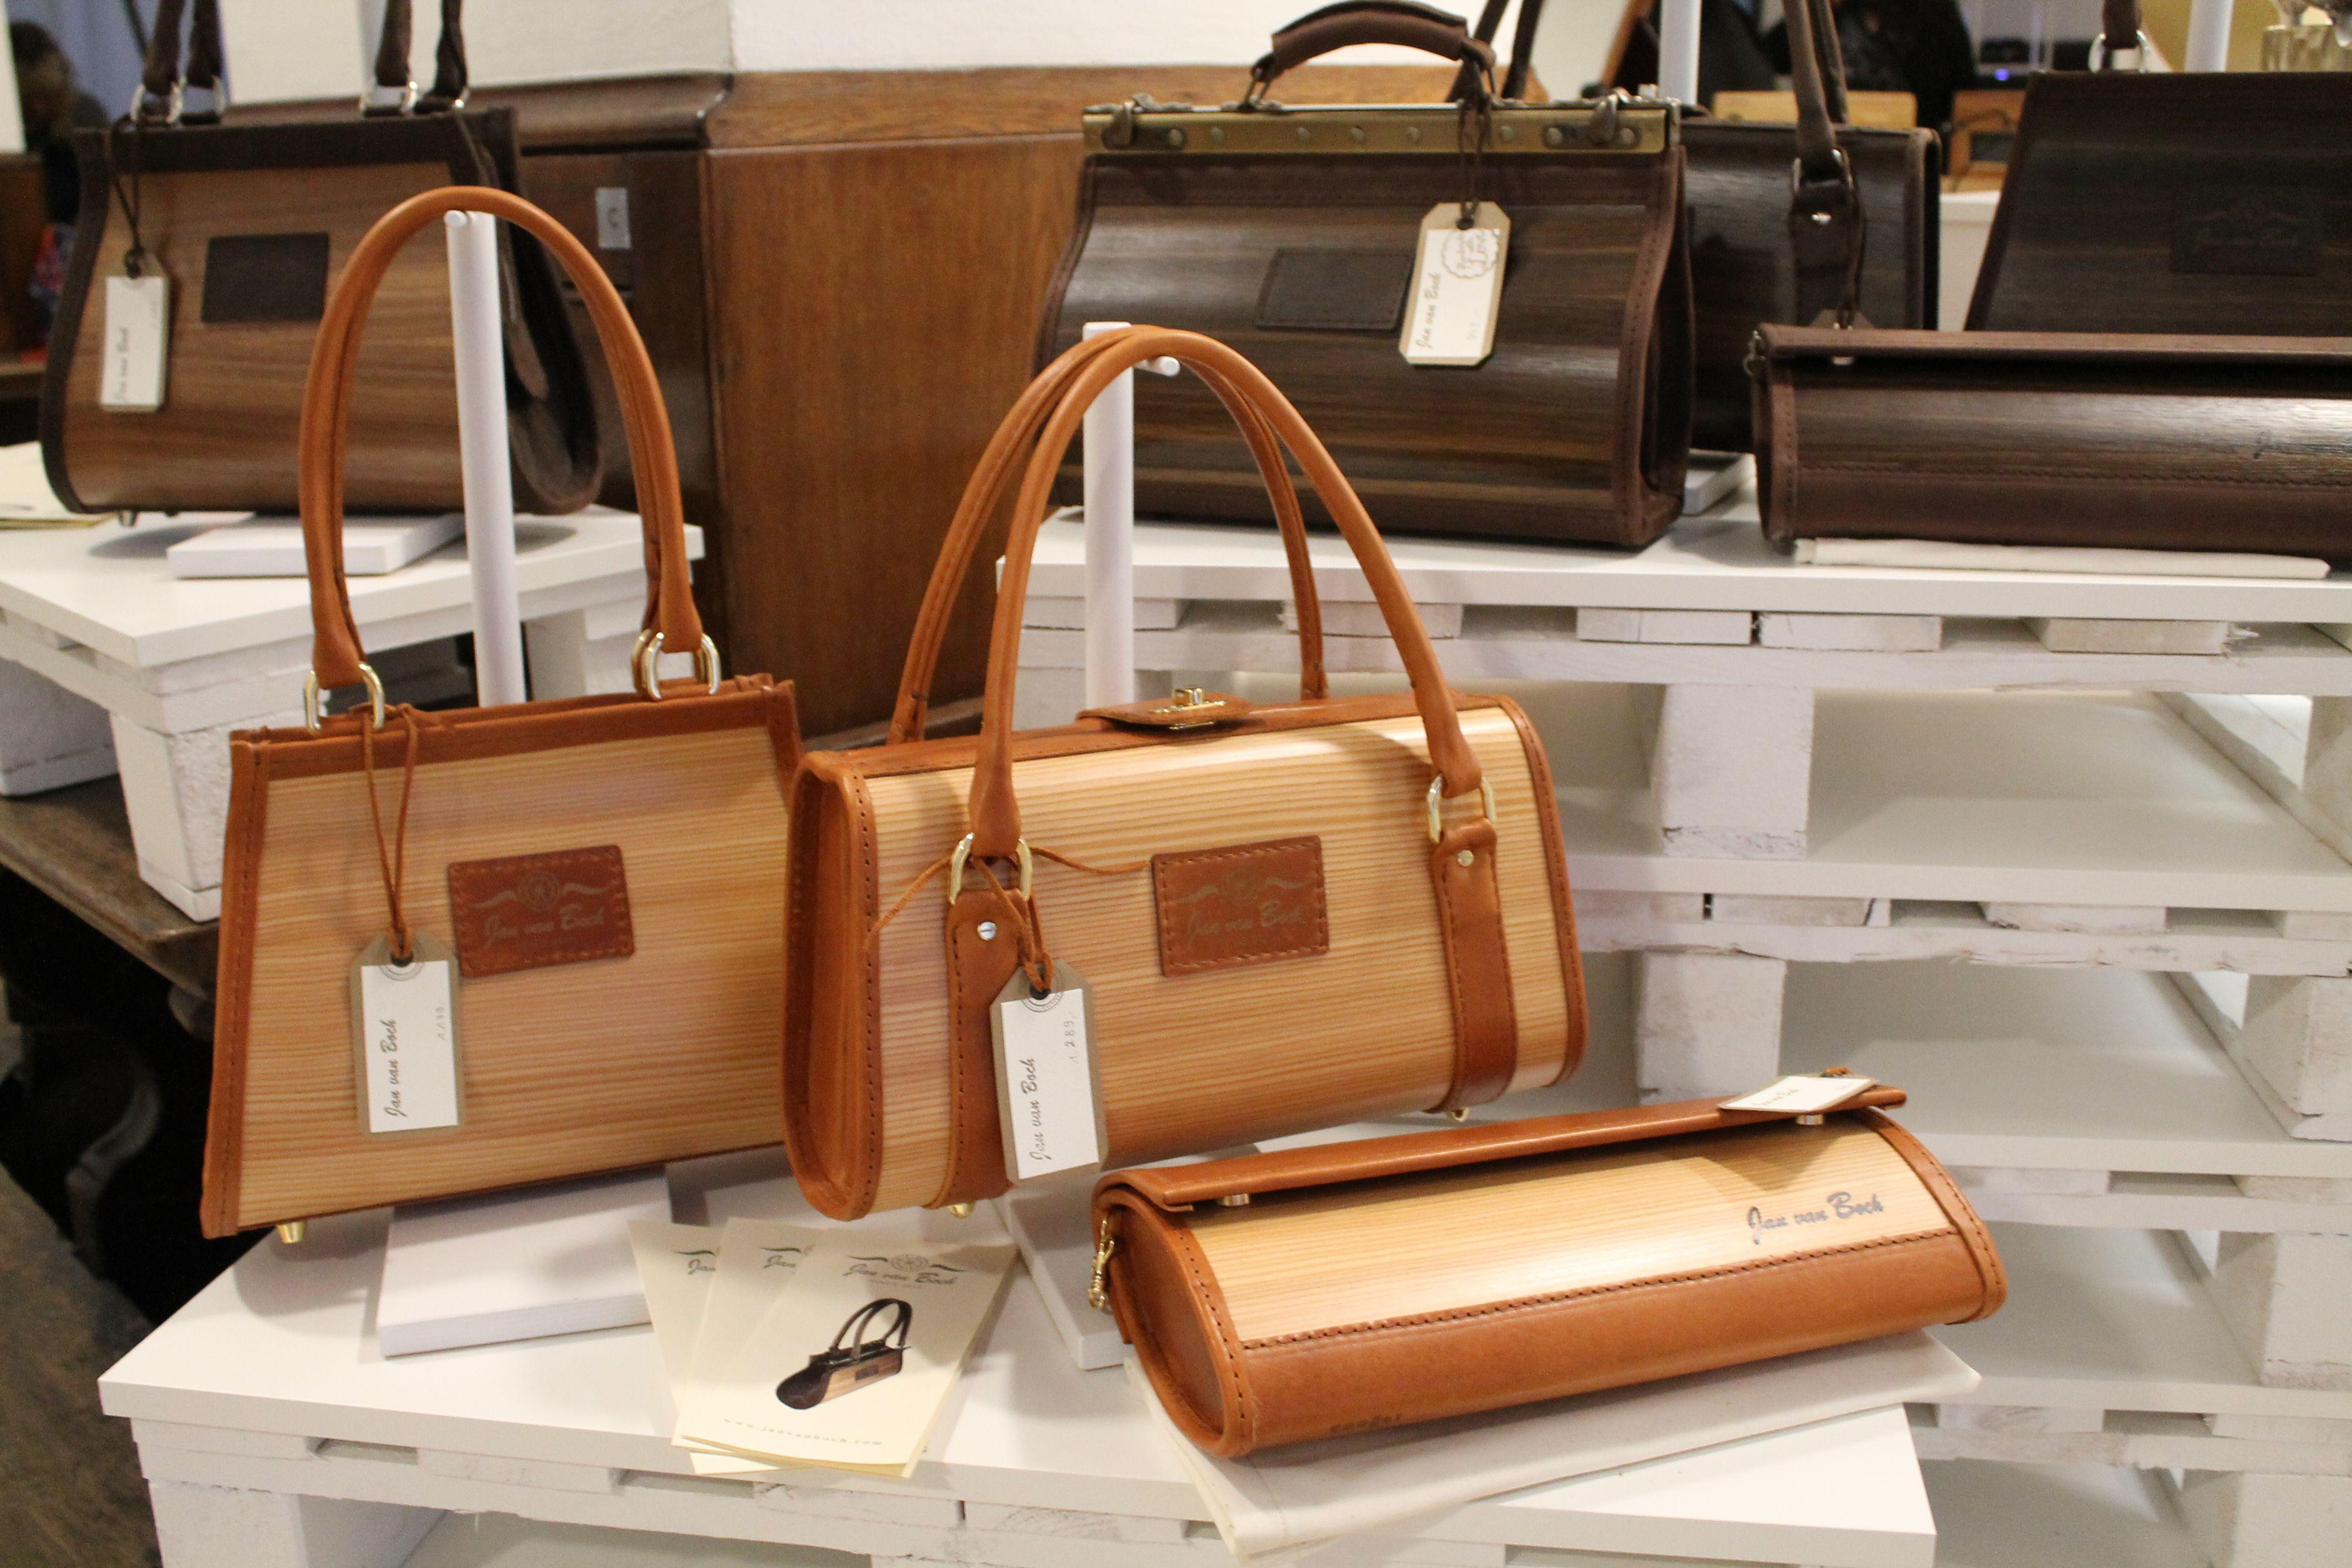 Hochwertige Handtaschen aus Holz und Leder. Jede Tasche eine